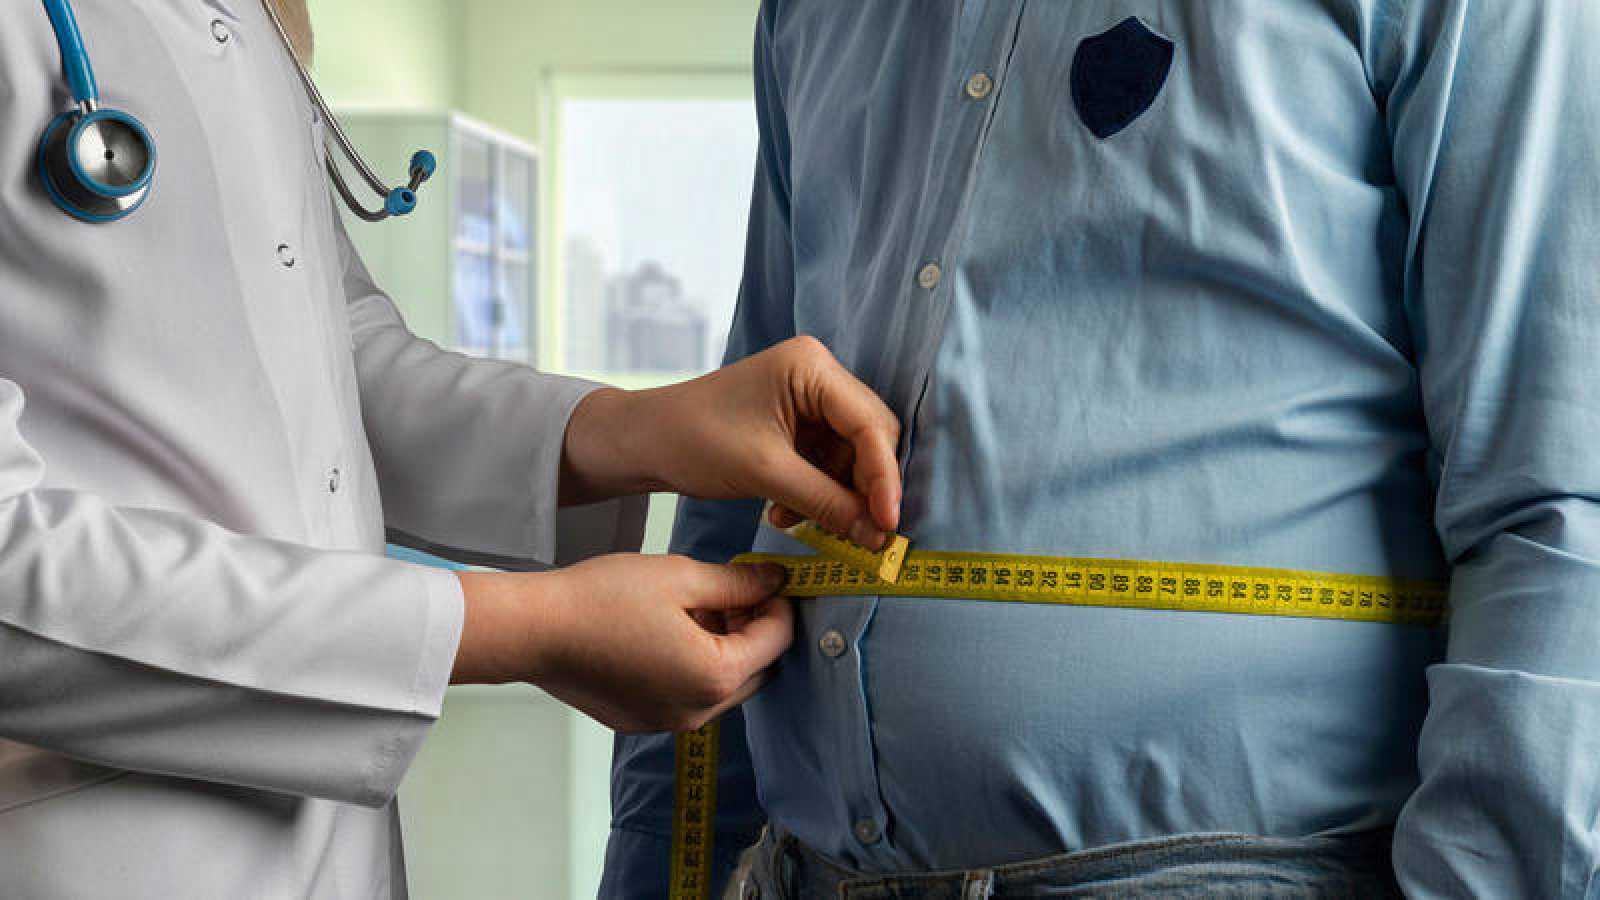 El sobrepeso provoca en España un gasto sanitario del 9,7% y reduce el PIB del país, según la OCDE